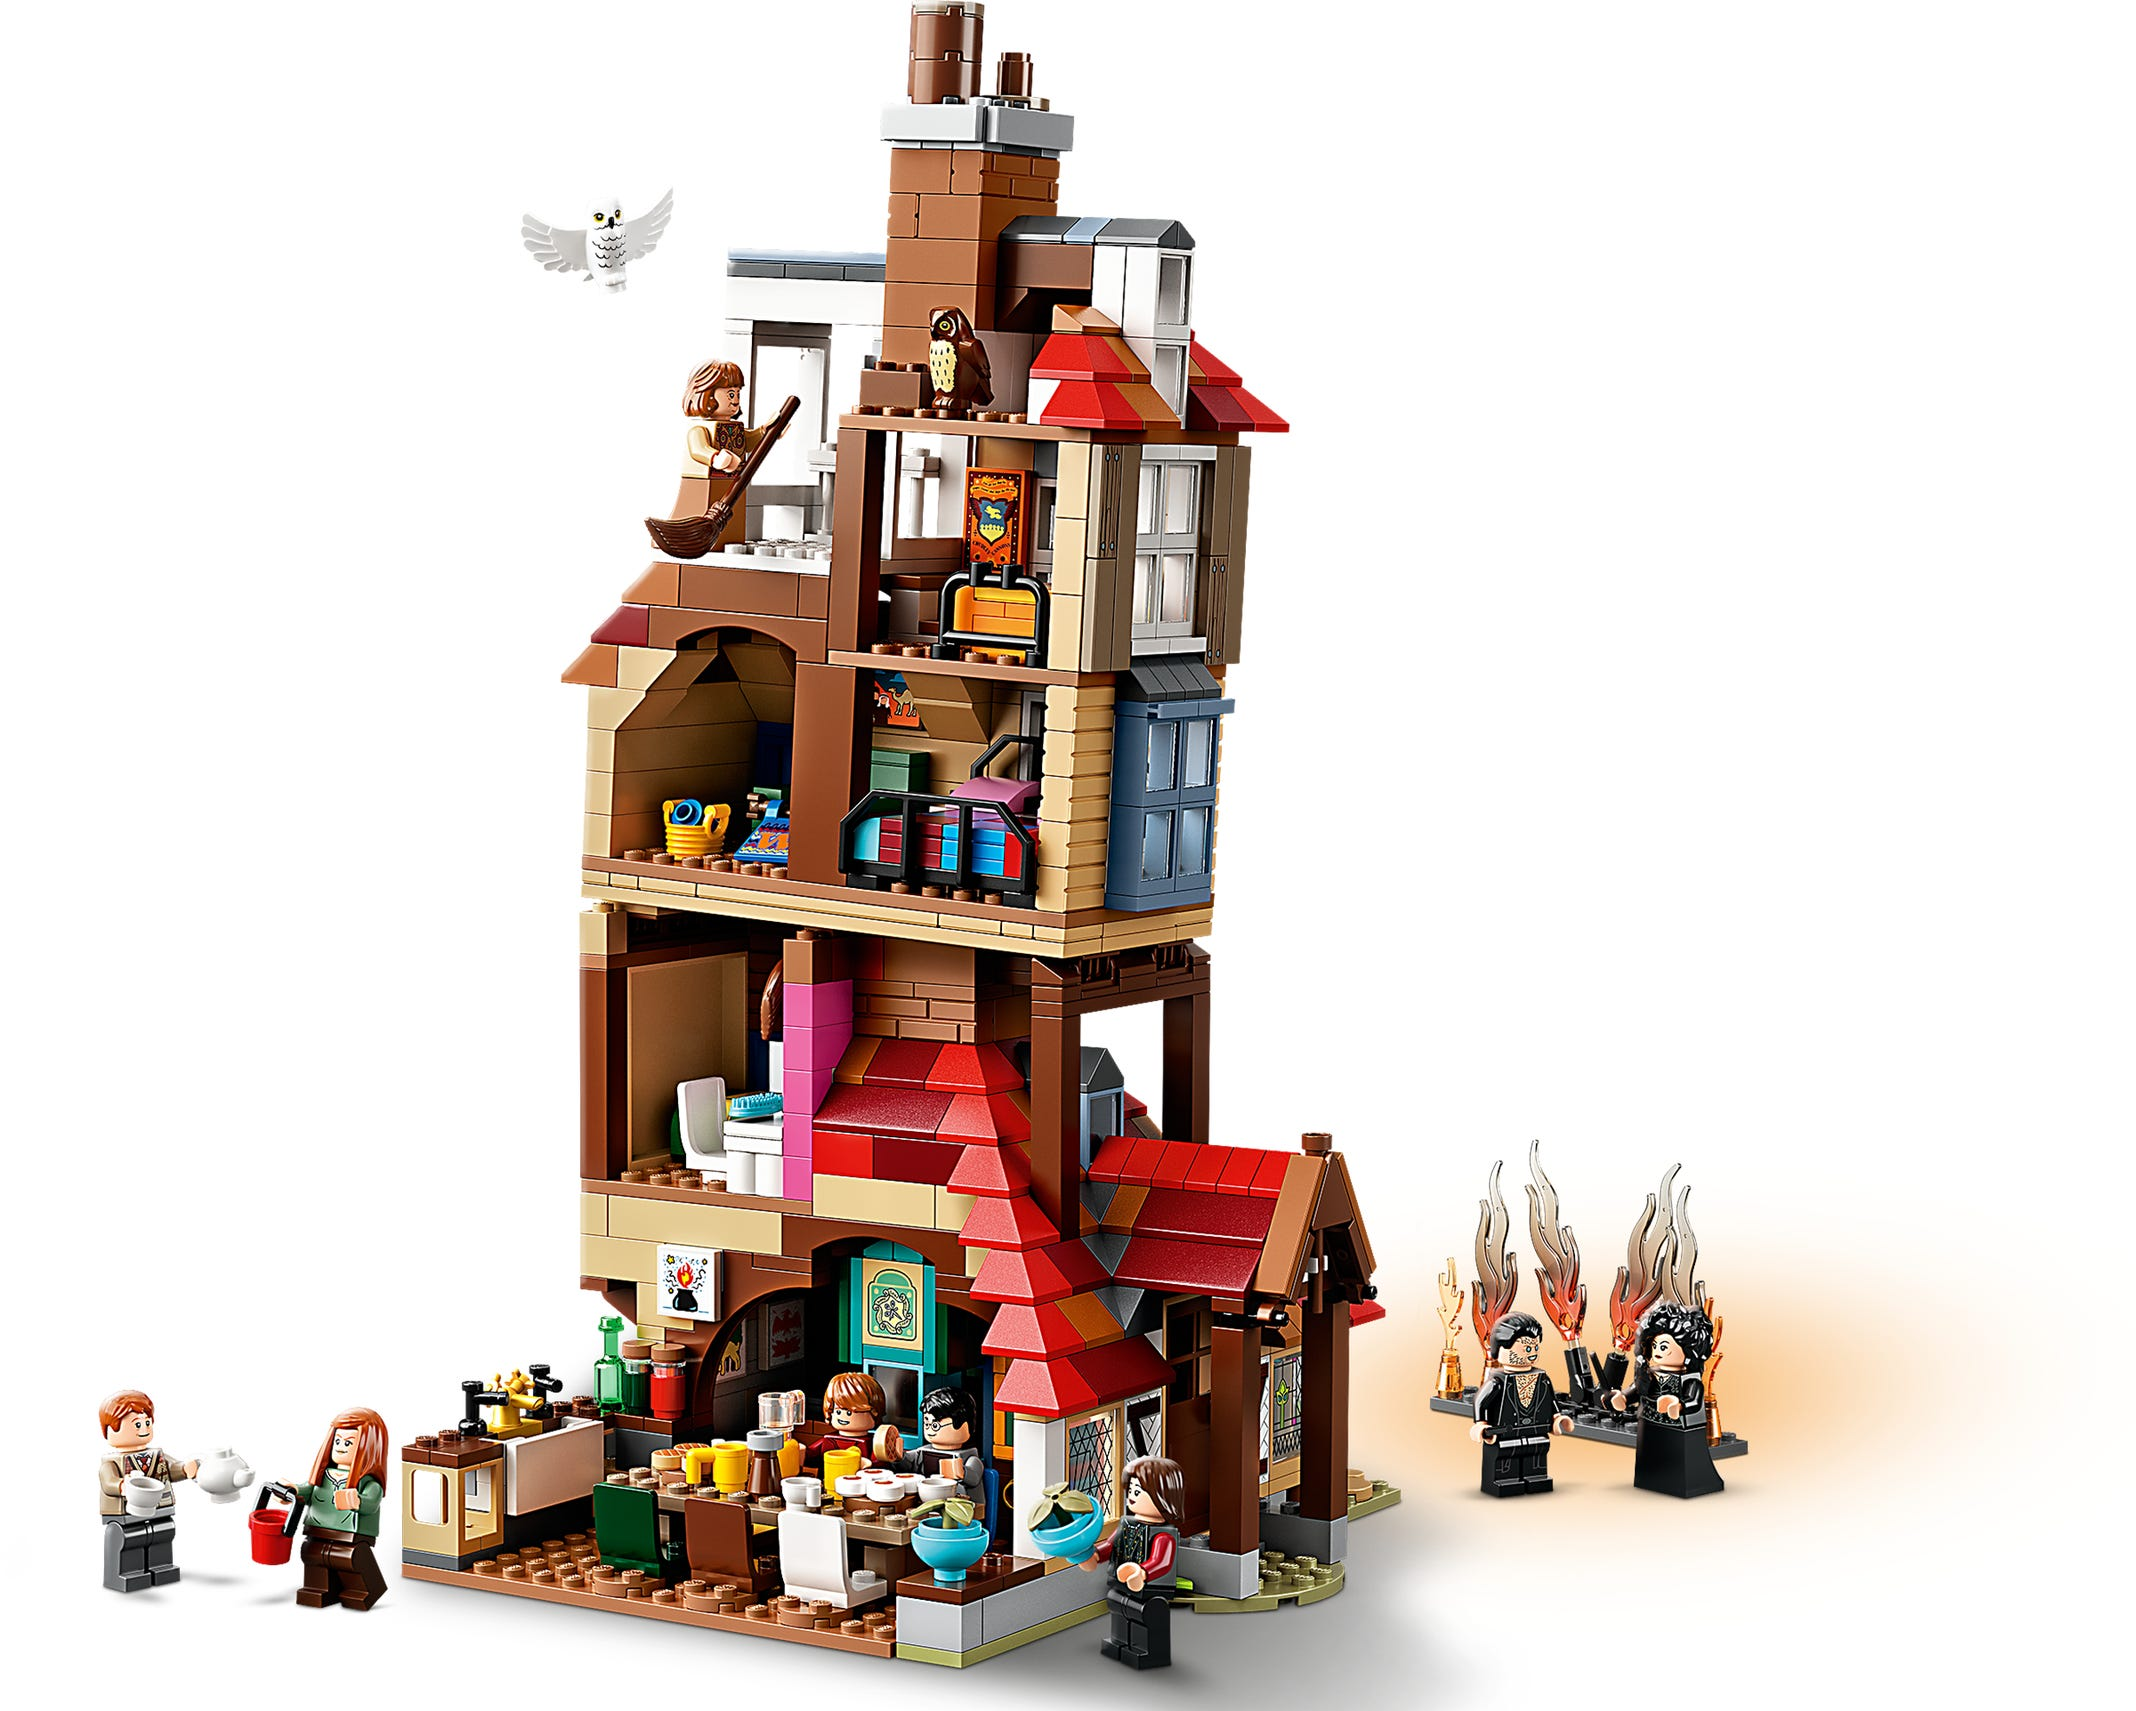 Angriff auf den Fuchsbau OHNE FIGUREN 75980 LEGO HARRY POTTER